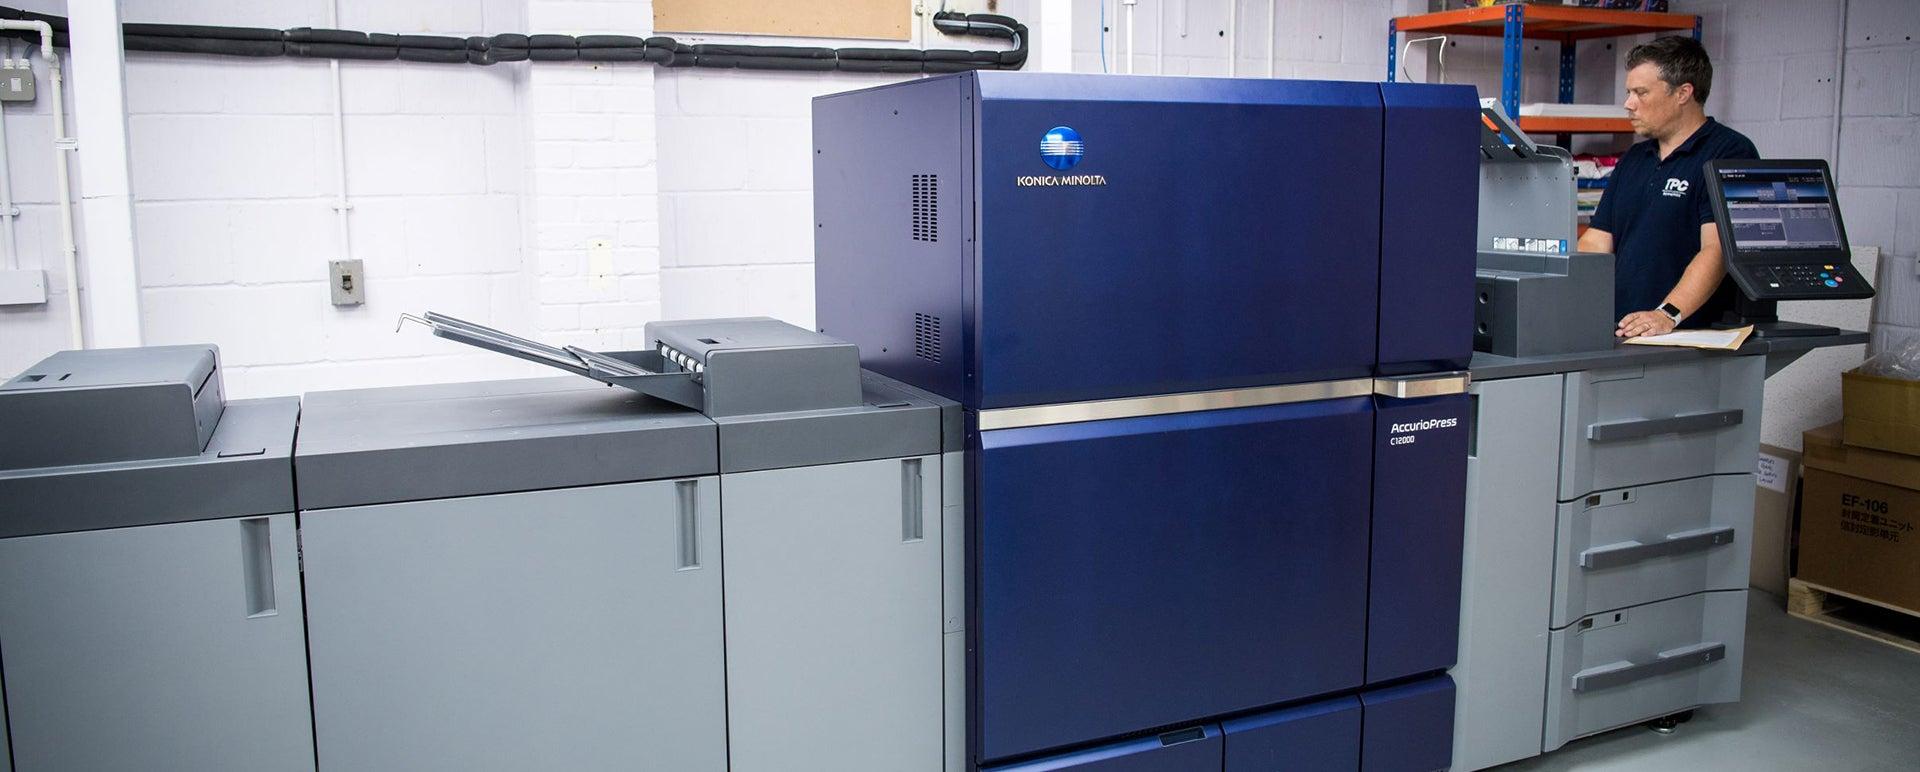 TPC production press